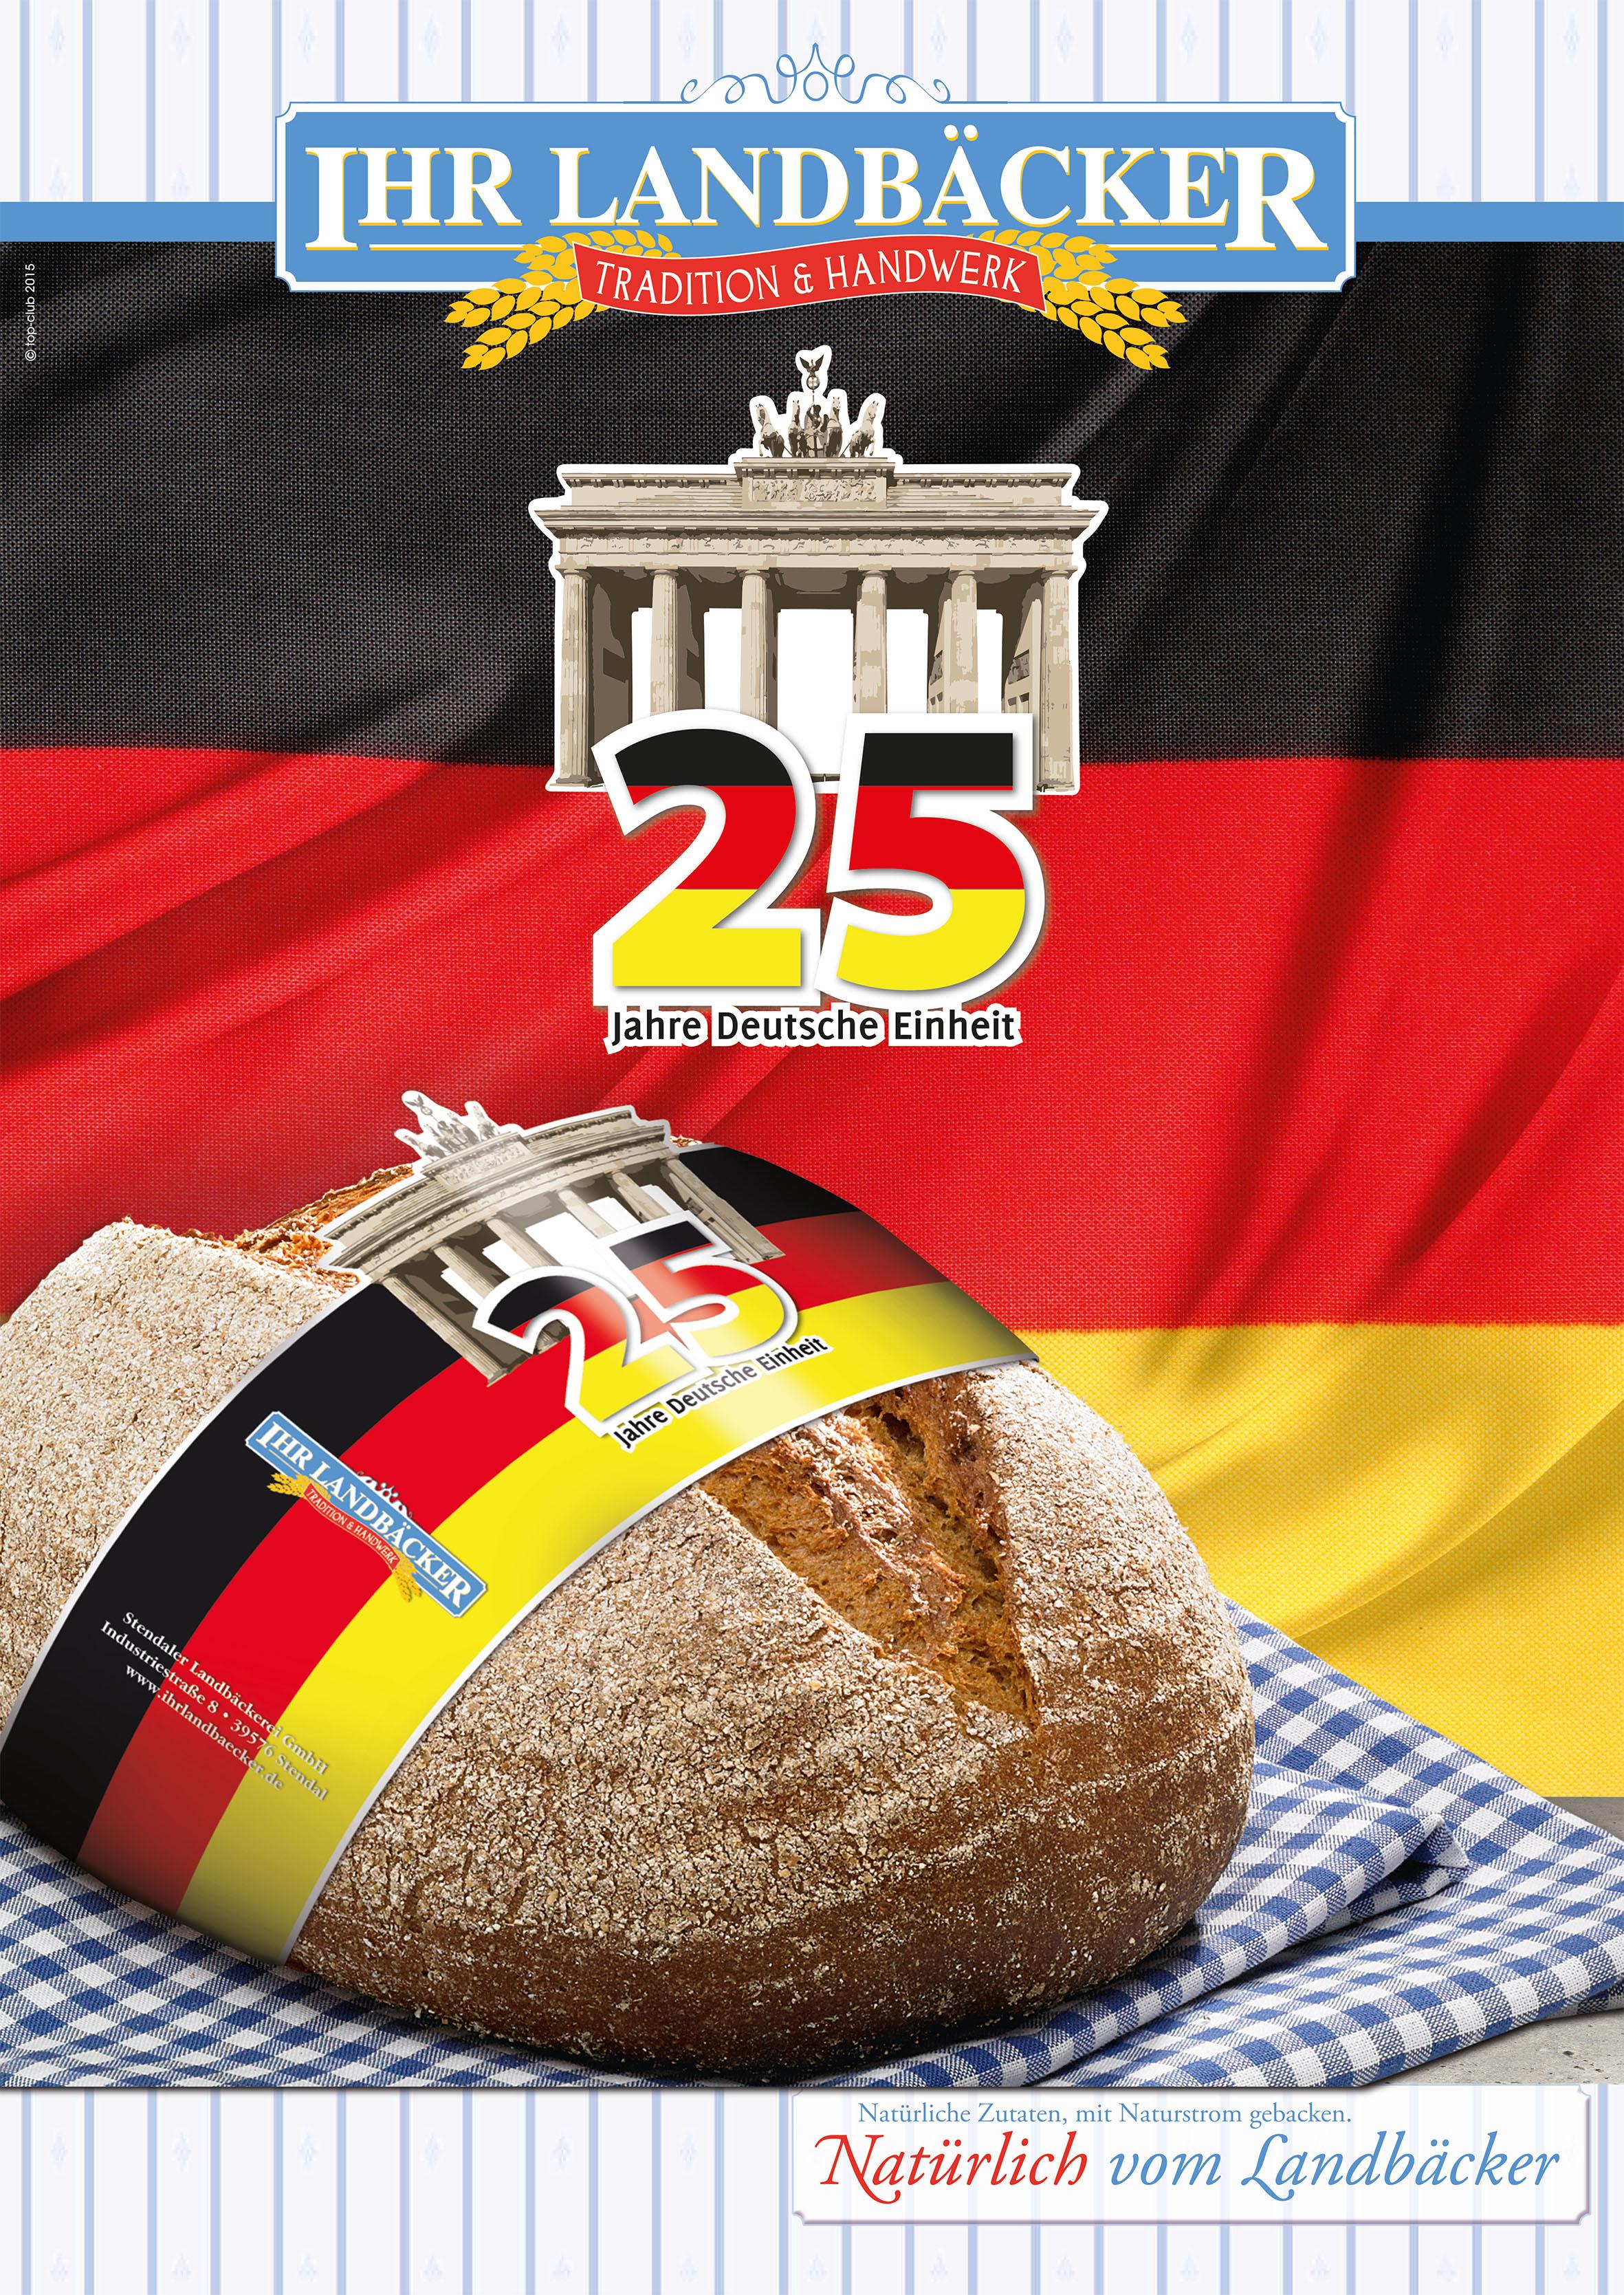 25-Jahre-deutsche-einheit